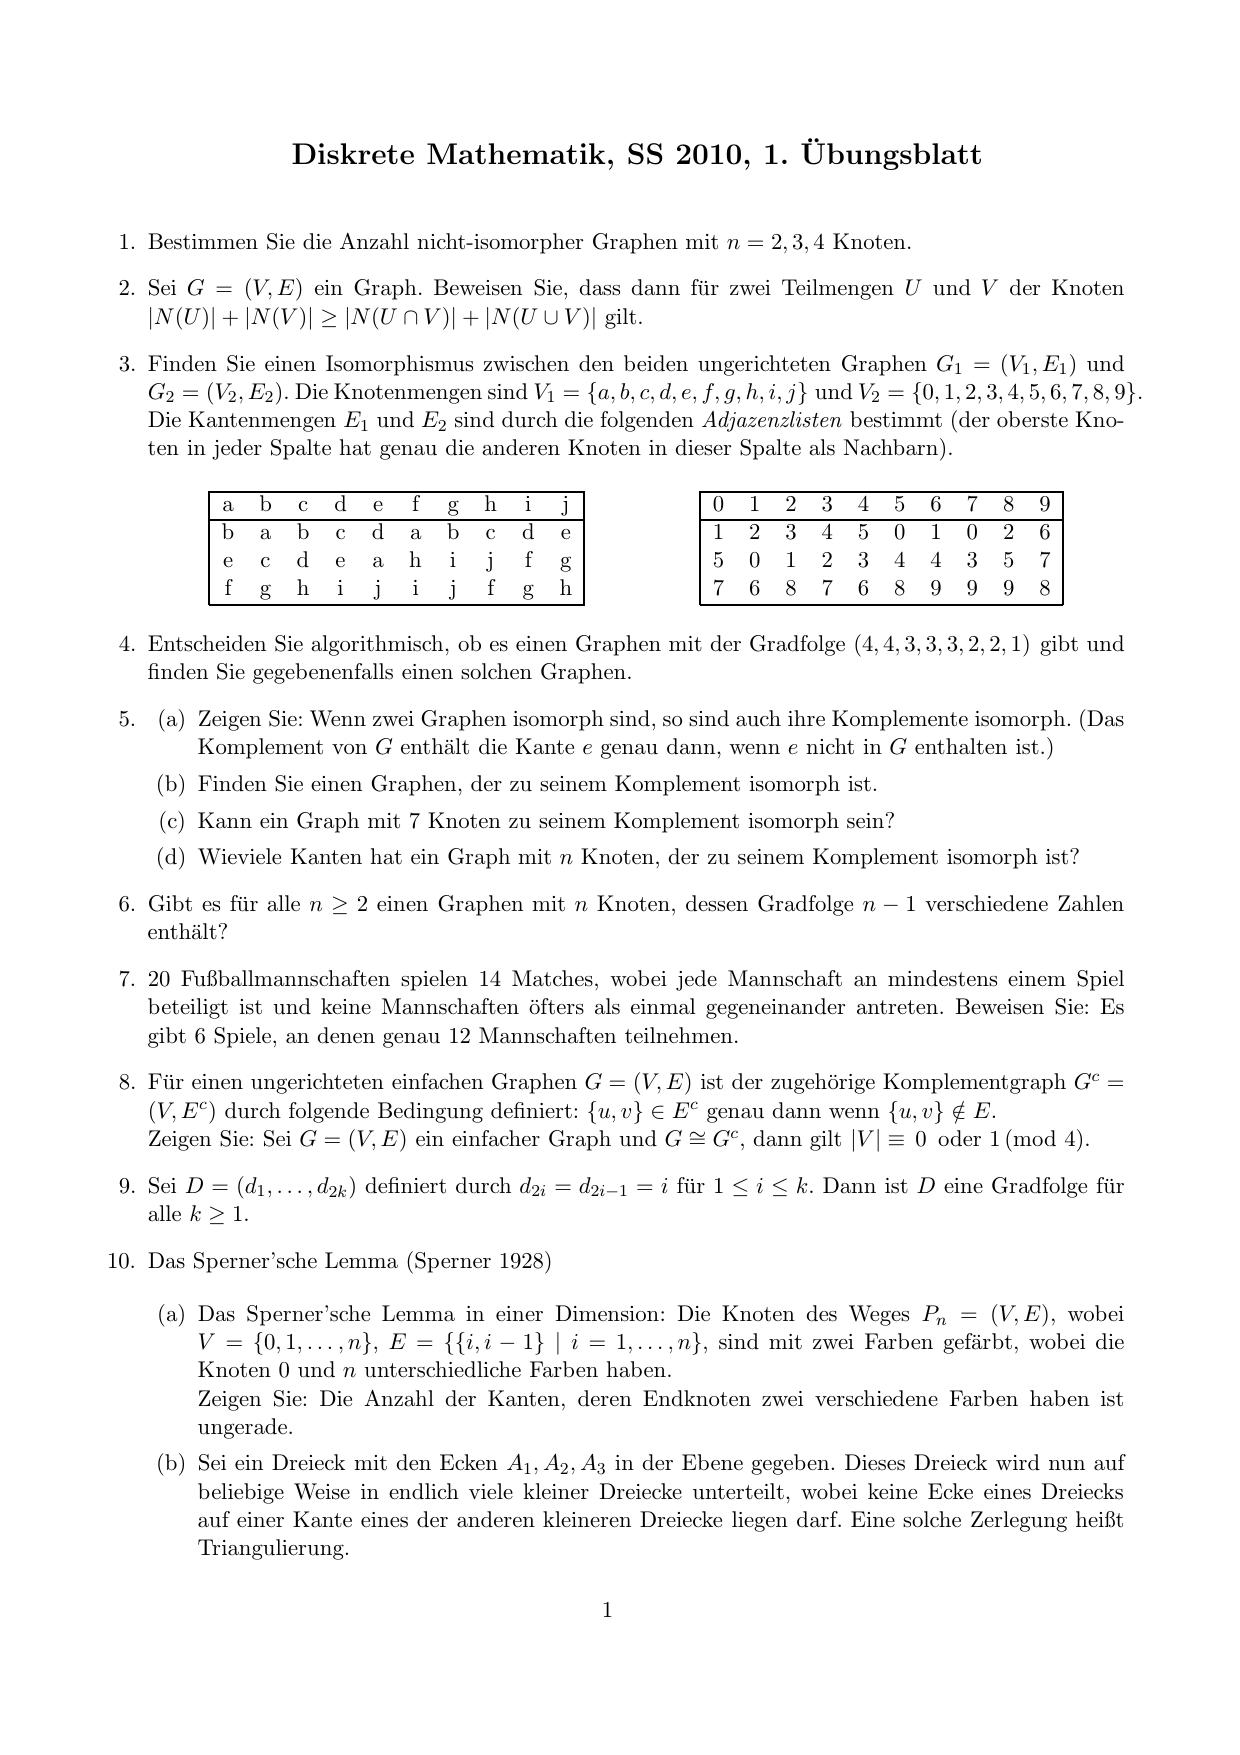 Fantastisch Spanisch Zahlen 1 100 Arbeitsblatt Fotos - Mathe ...